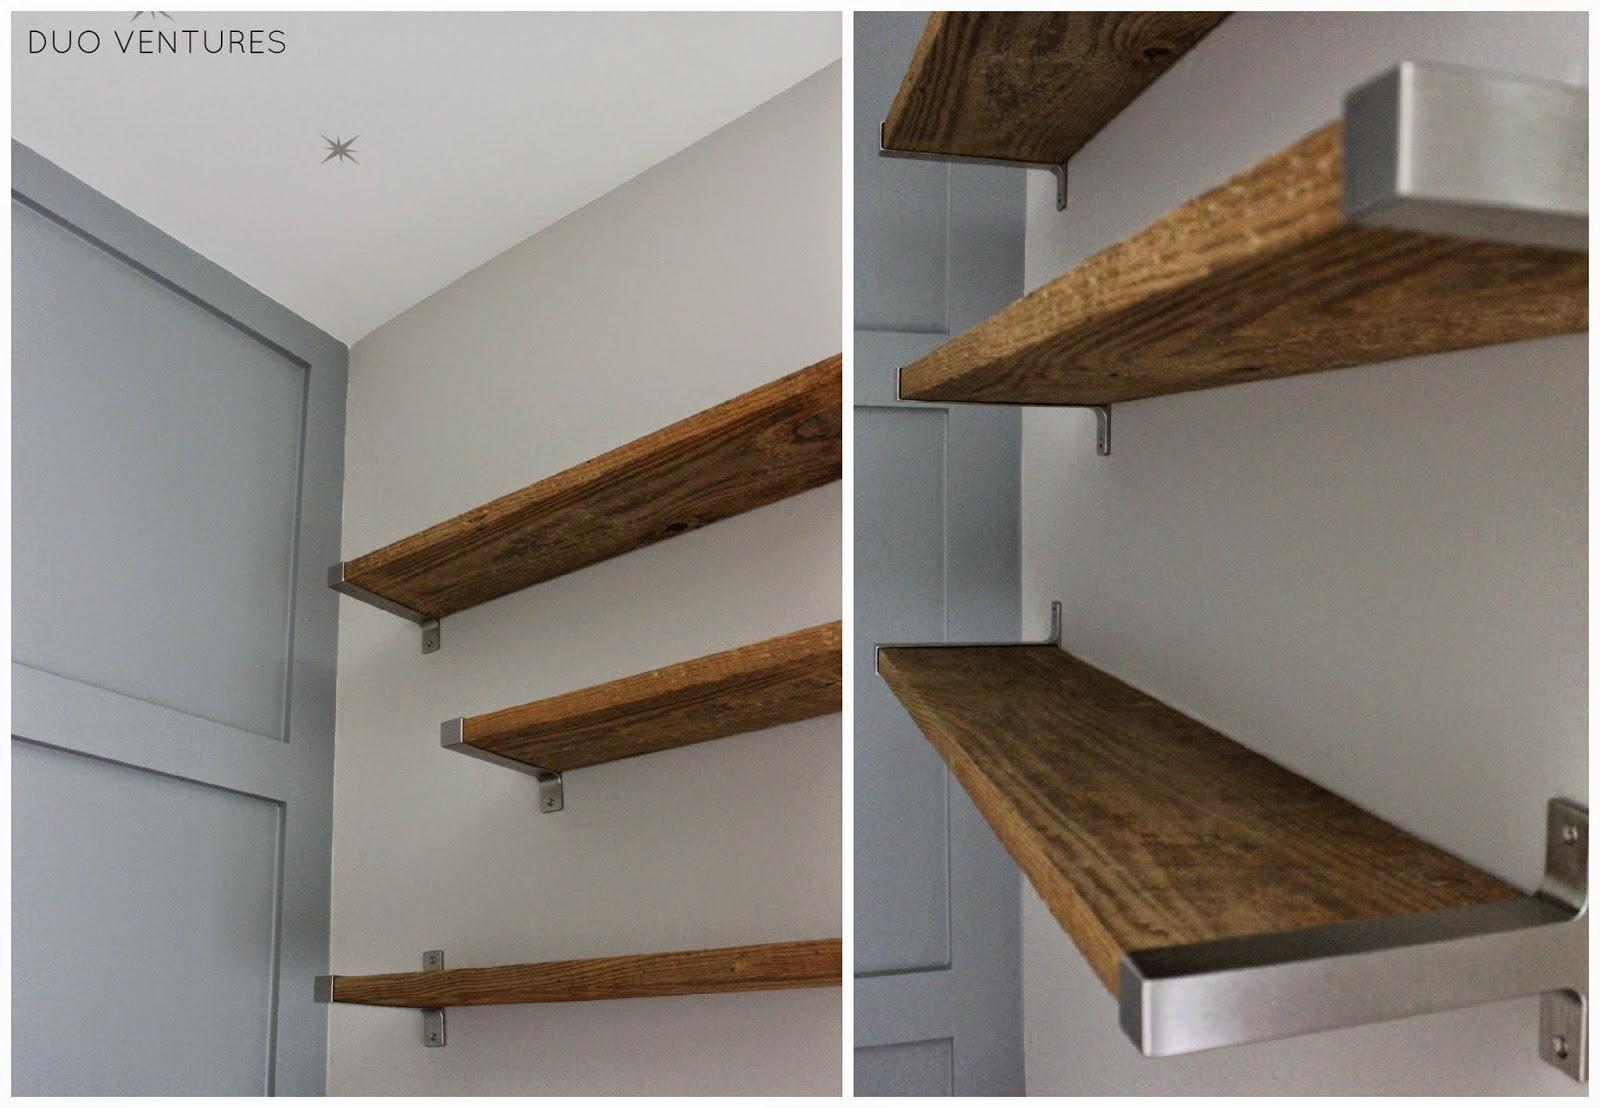 Duo Ventures The Nursery Diy Reclaimed Barnwood Shelves